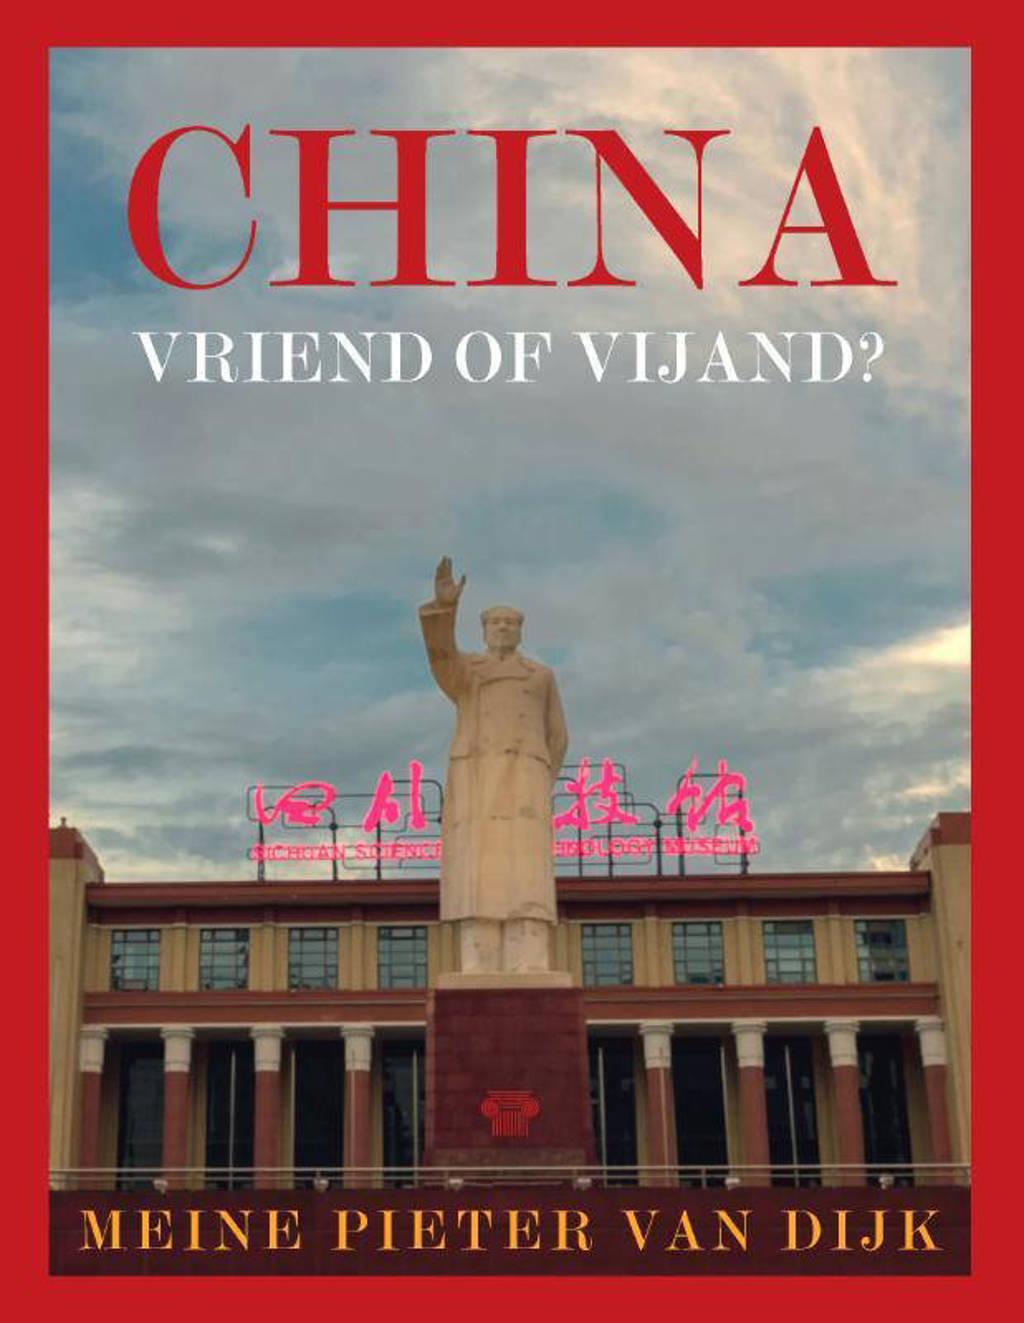 China in verandering: China, vriend of vijand? - Meine Pieter van Dijk